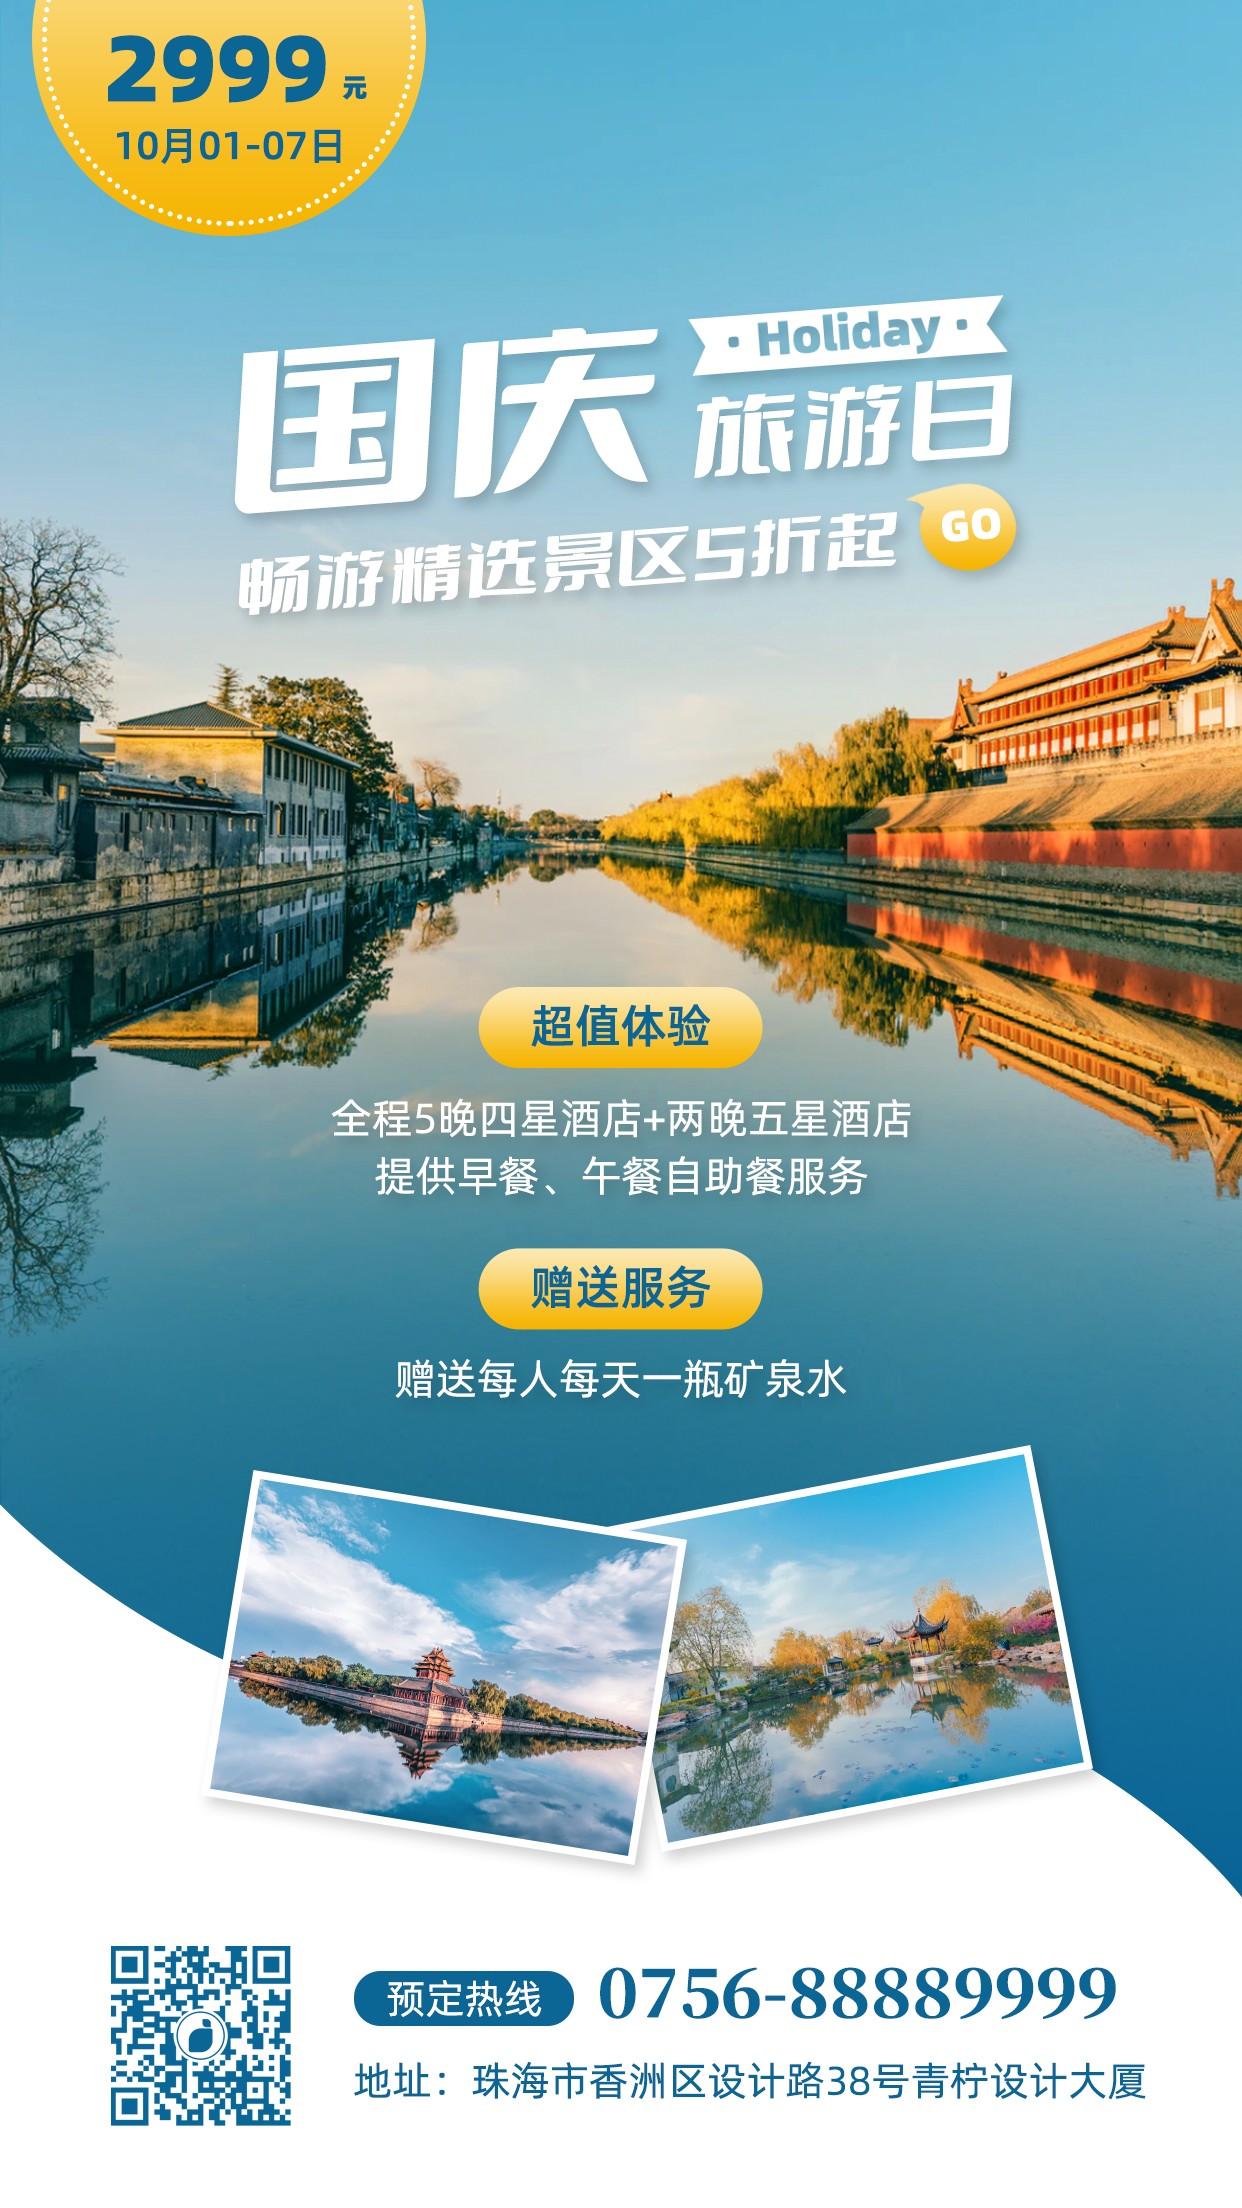 文艺旅游出行国庆节手机海报